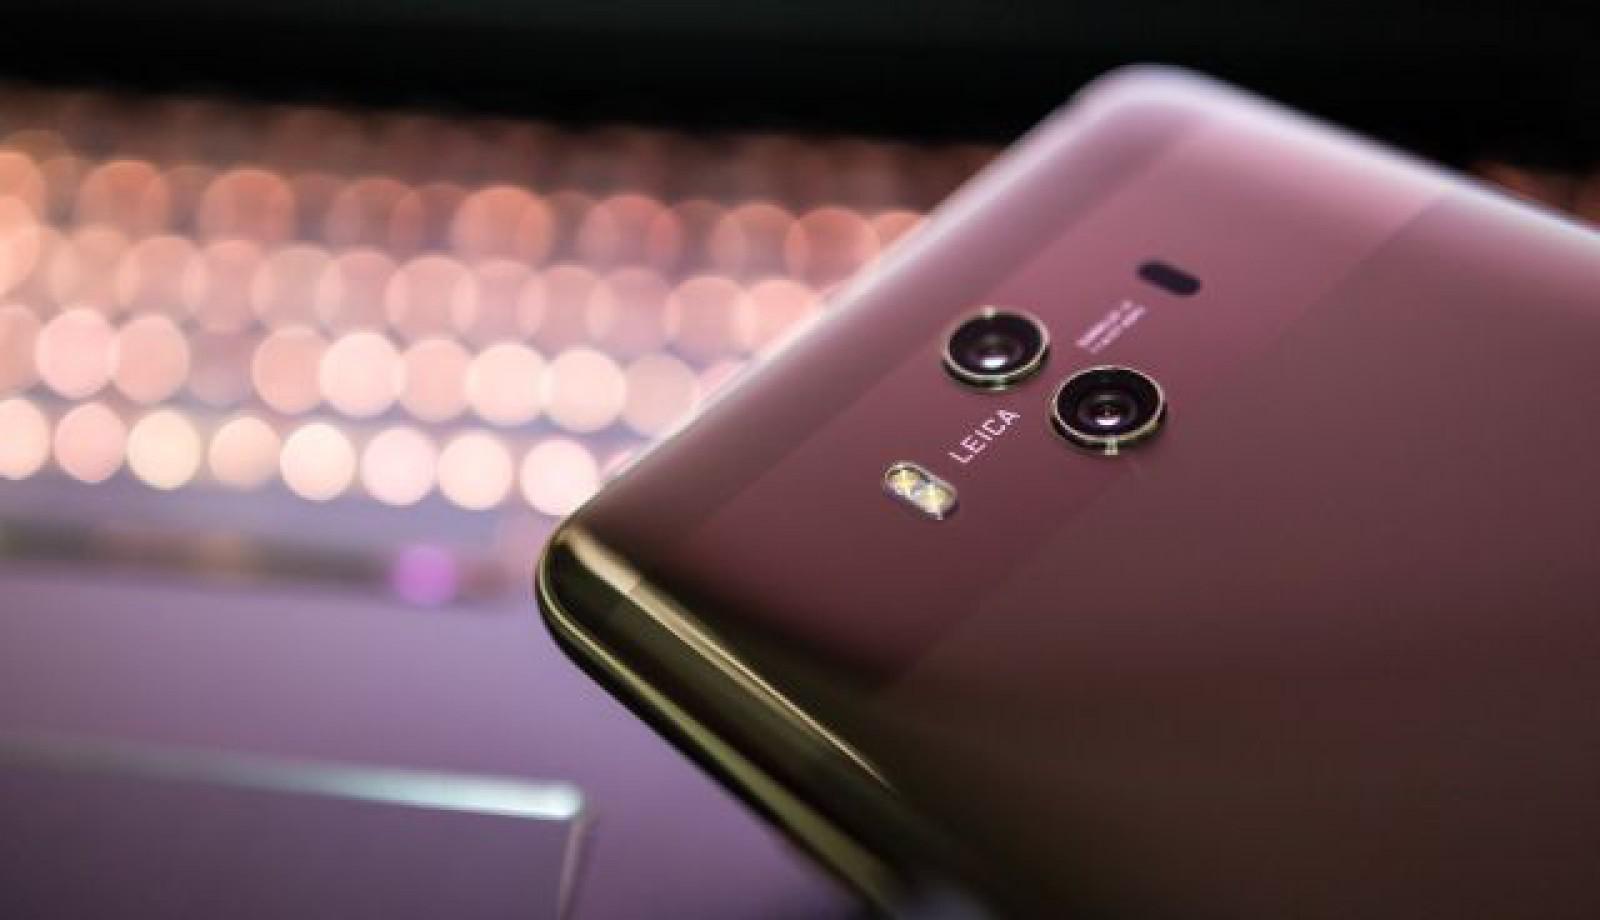 Şefii serviciilor secrete din SUA le recomandă cetăţenilor să nu folosească smartphone-uri Huawei, deşi nu au prezentat motive concrete